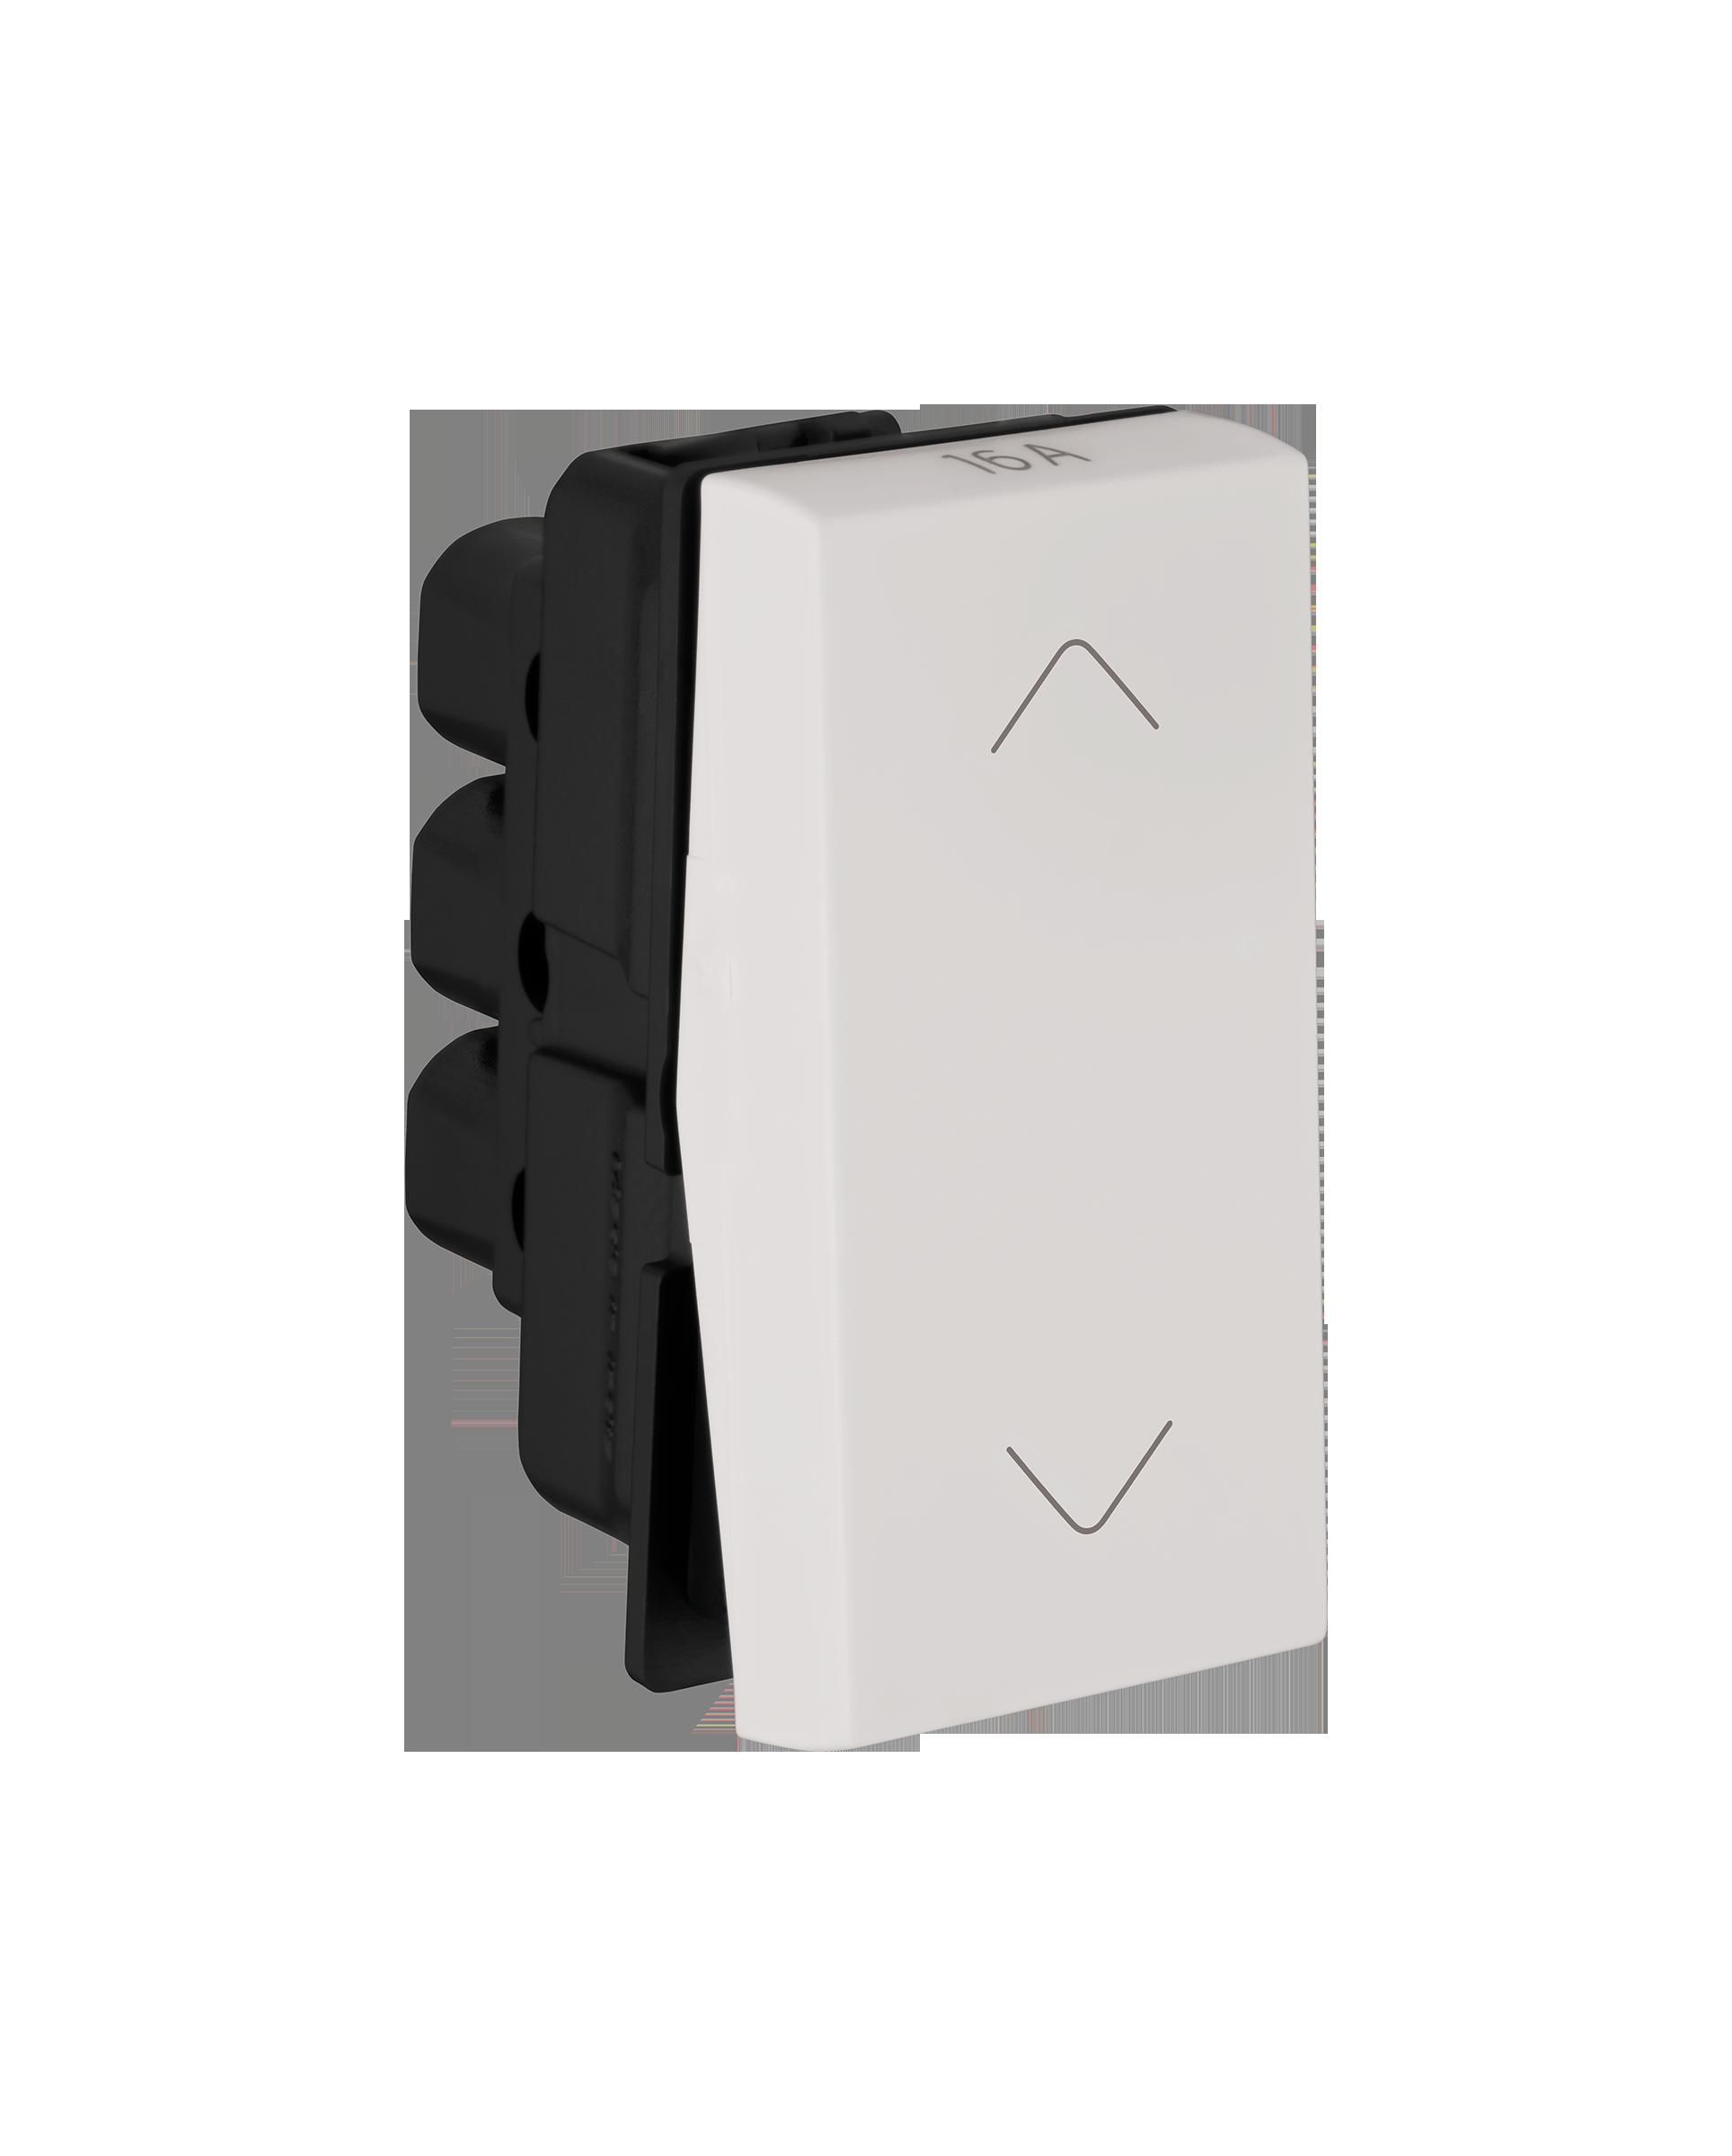 Myrius Nextgen 16A Switch 2 Way 1M White